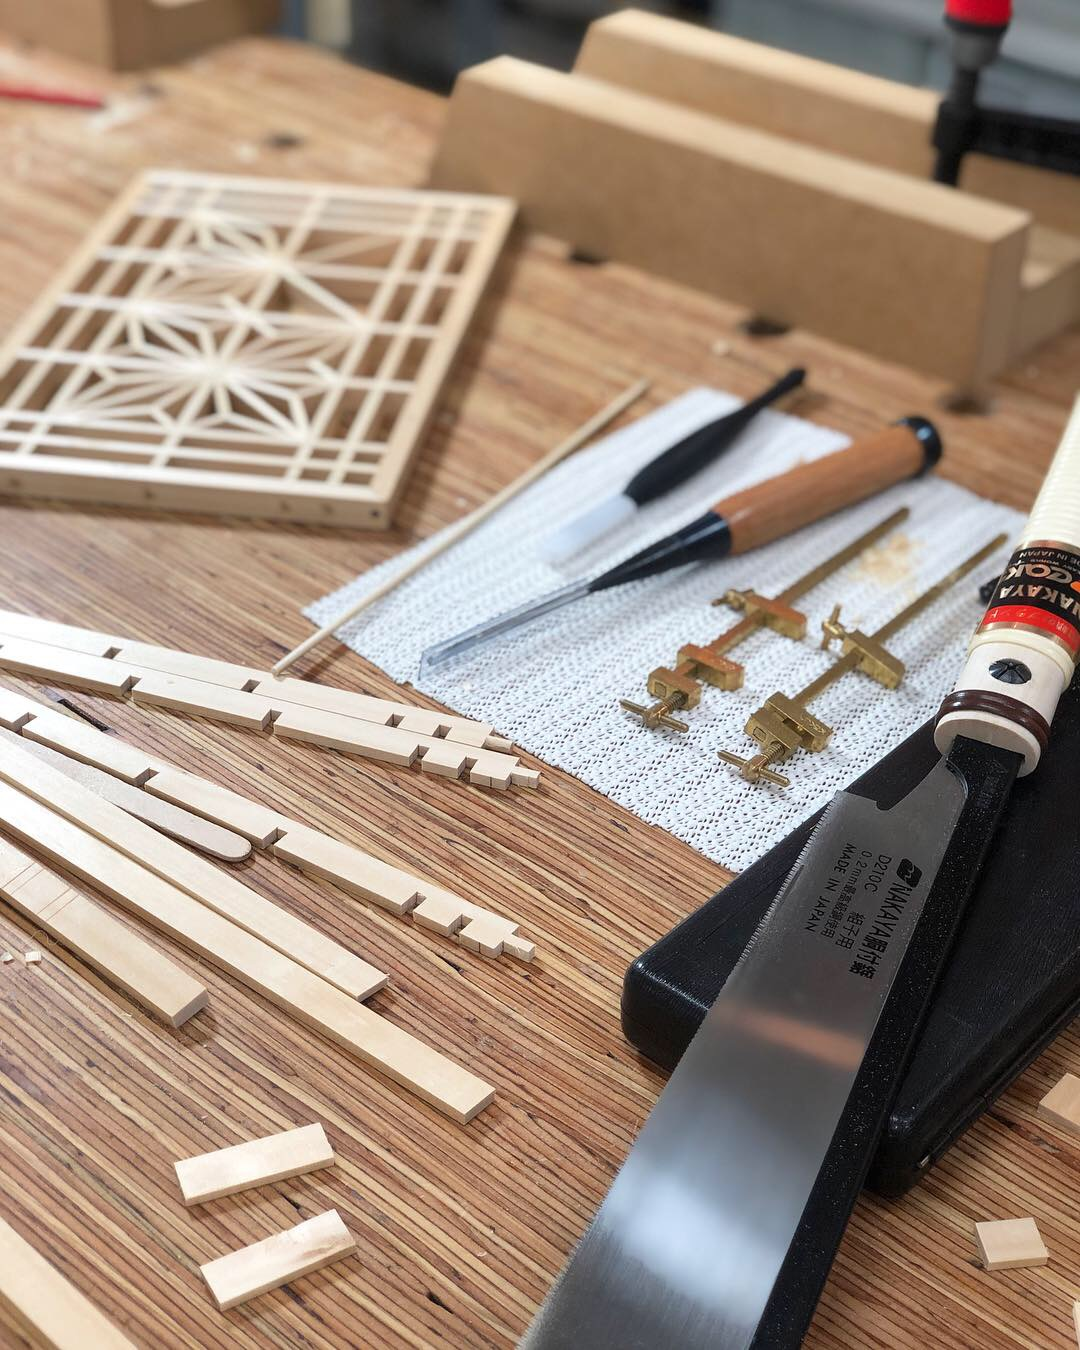 Kumiko Heartwood Creative Woodworking